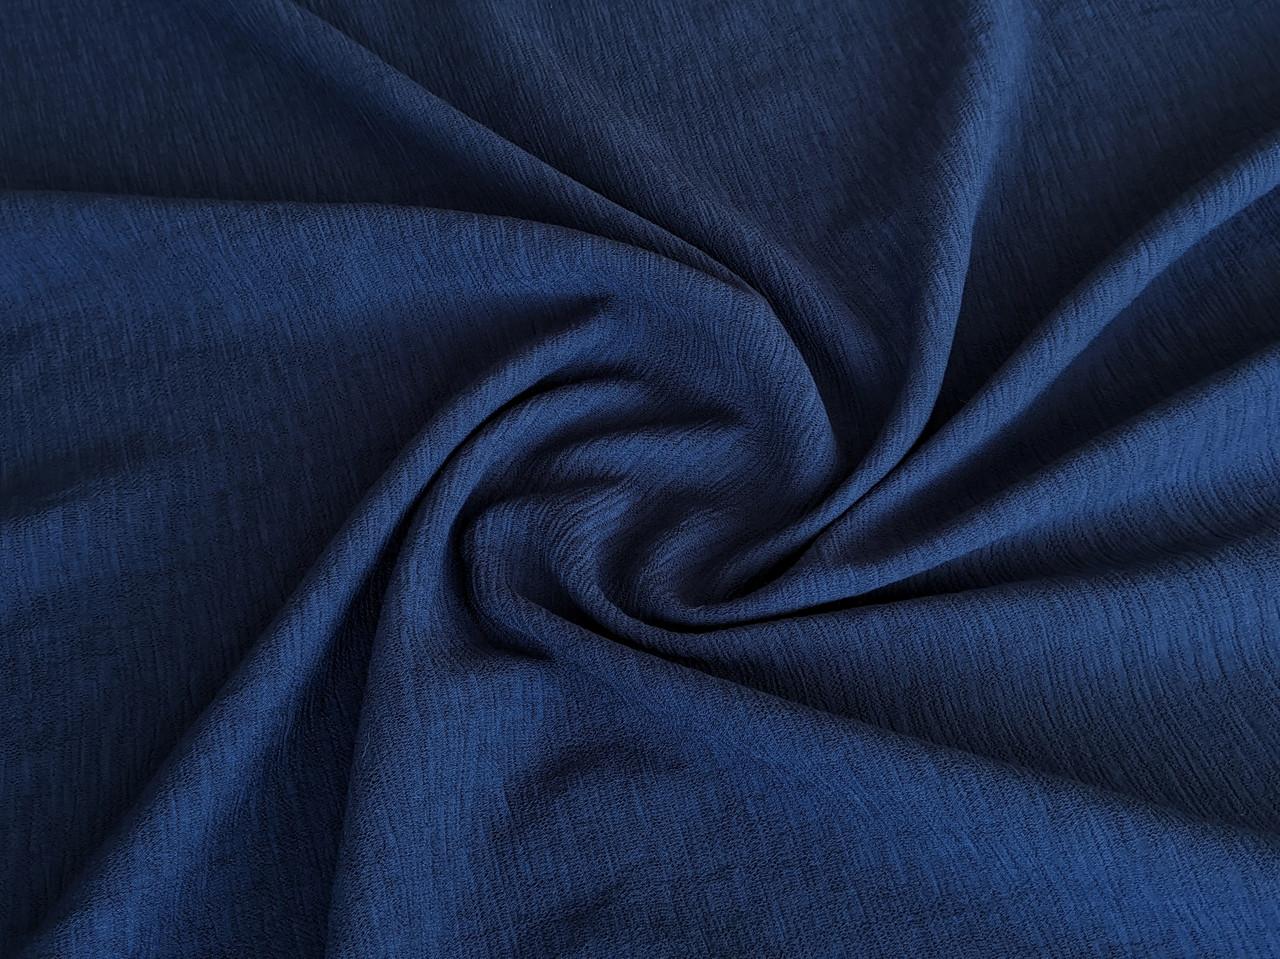 Ткань Киви креп, темно-синий